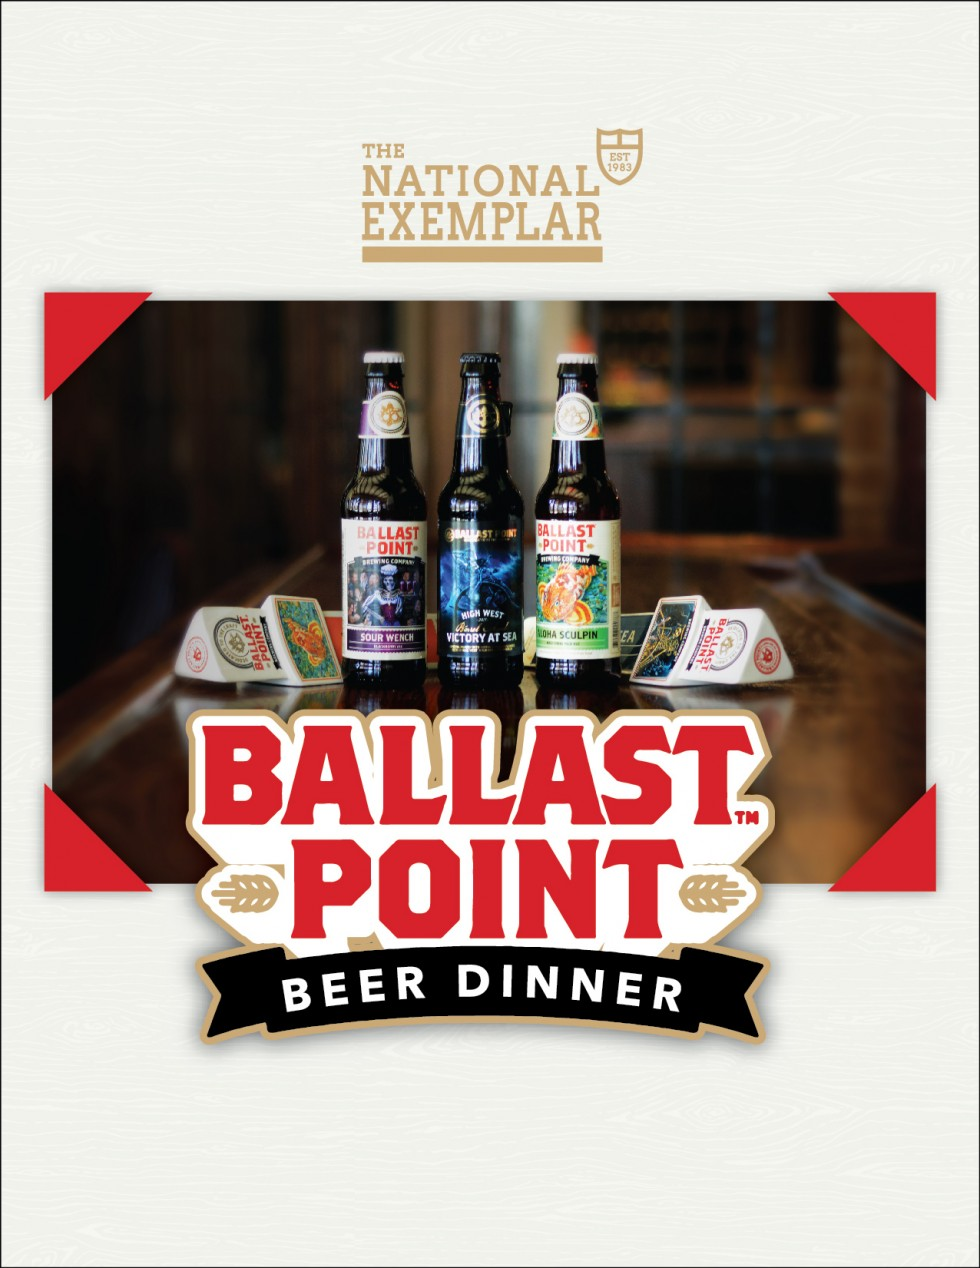 Ballast Point Beer Dinner